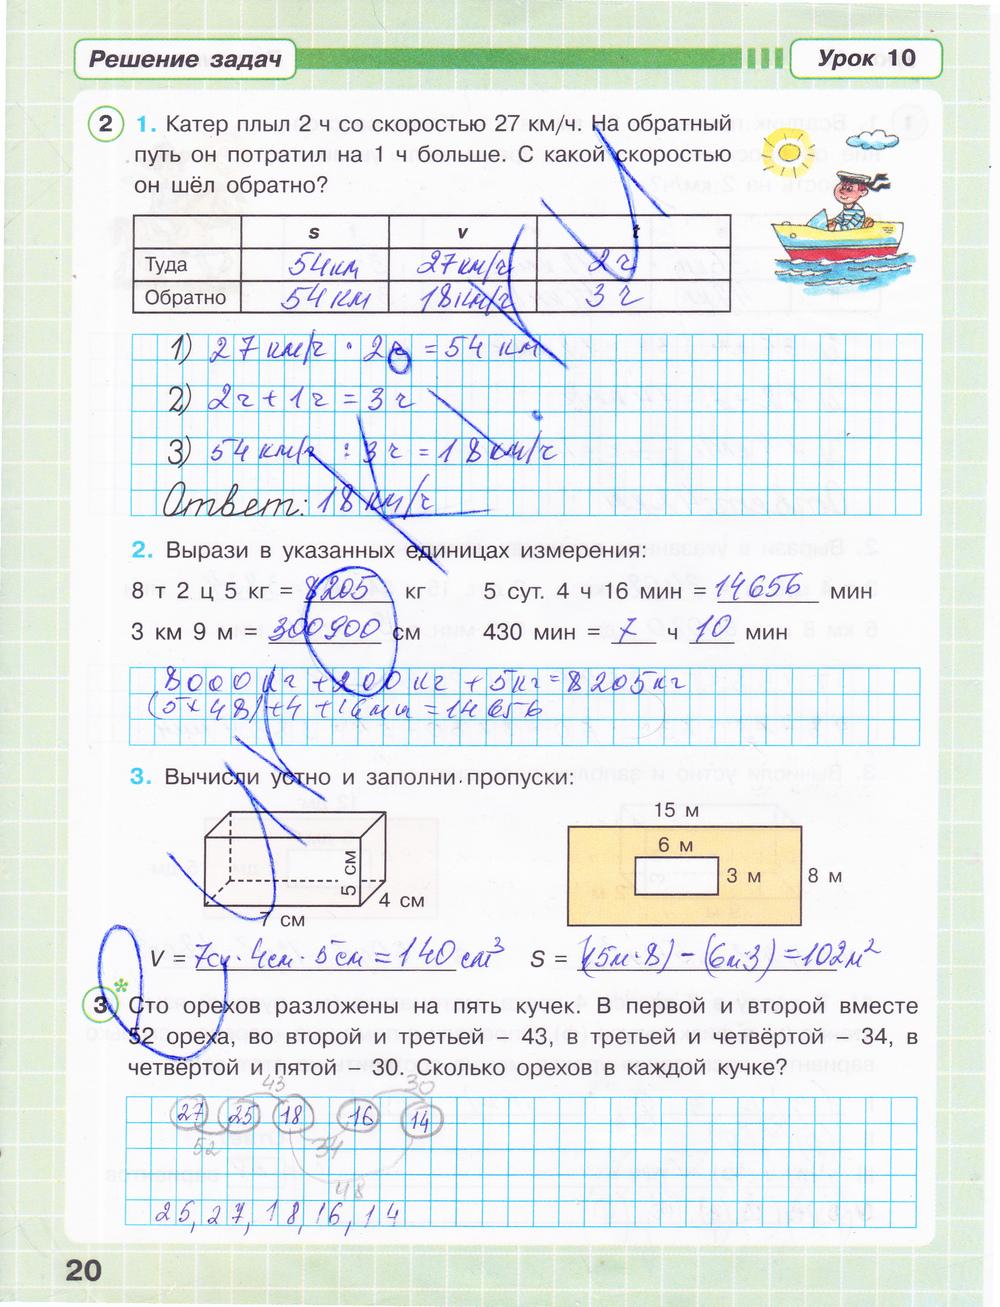 Готовое Домашнее Задание По Математике Петерсон 3 Класс 3 Часть Ответы